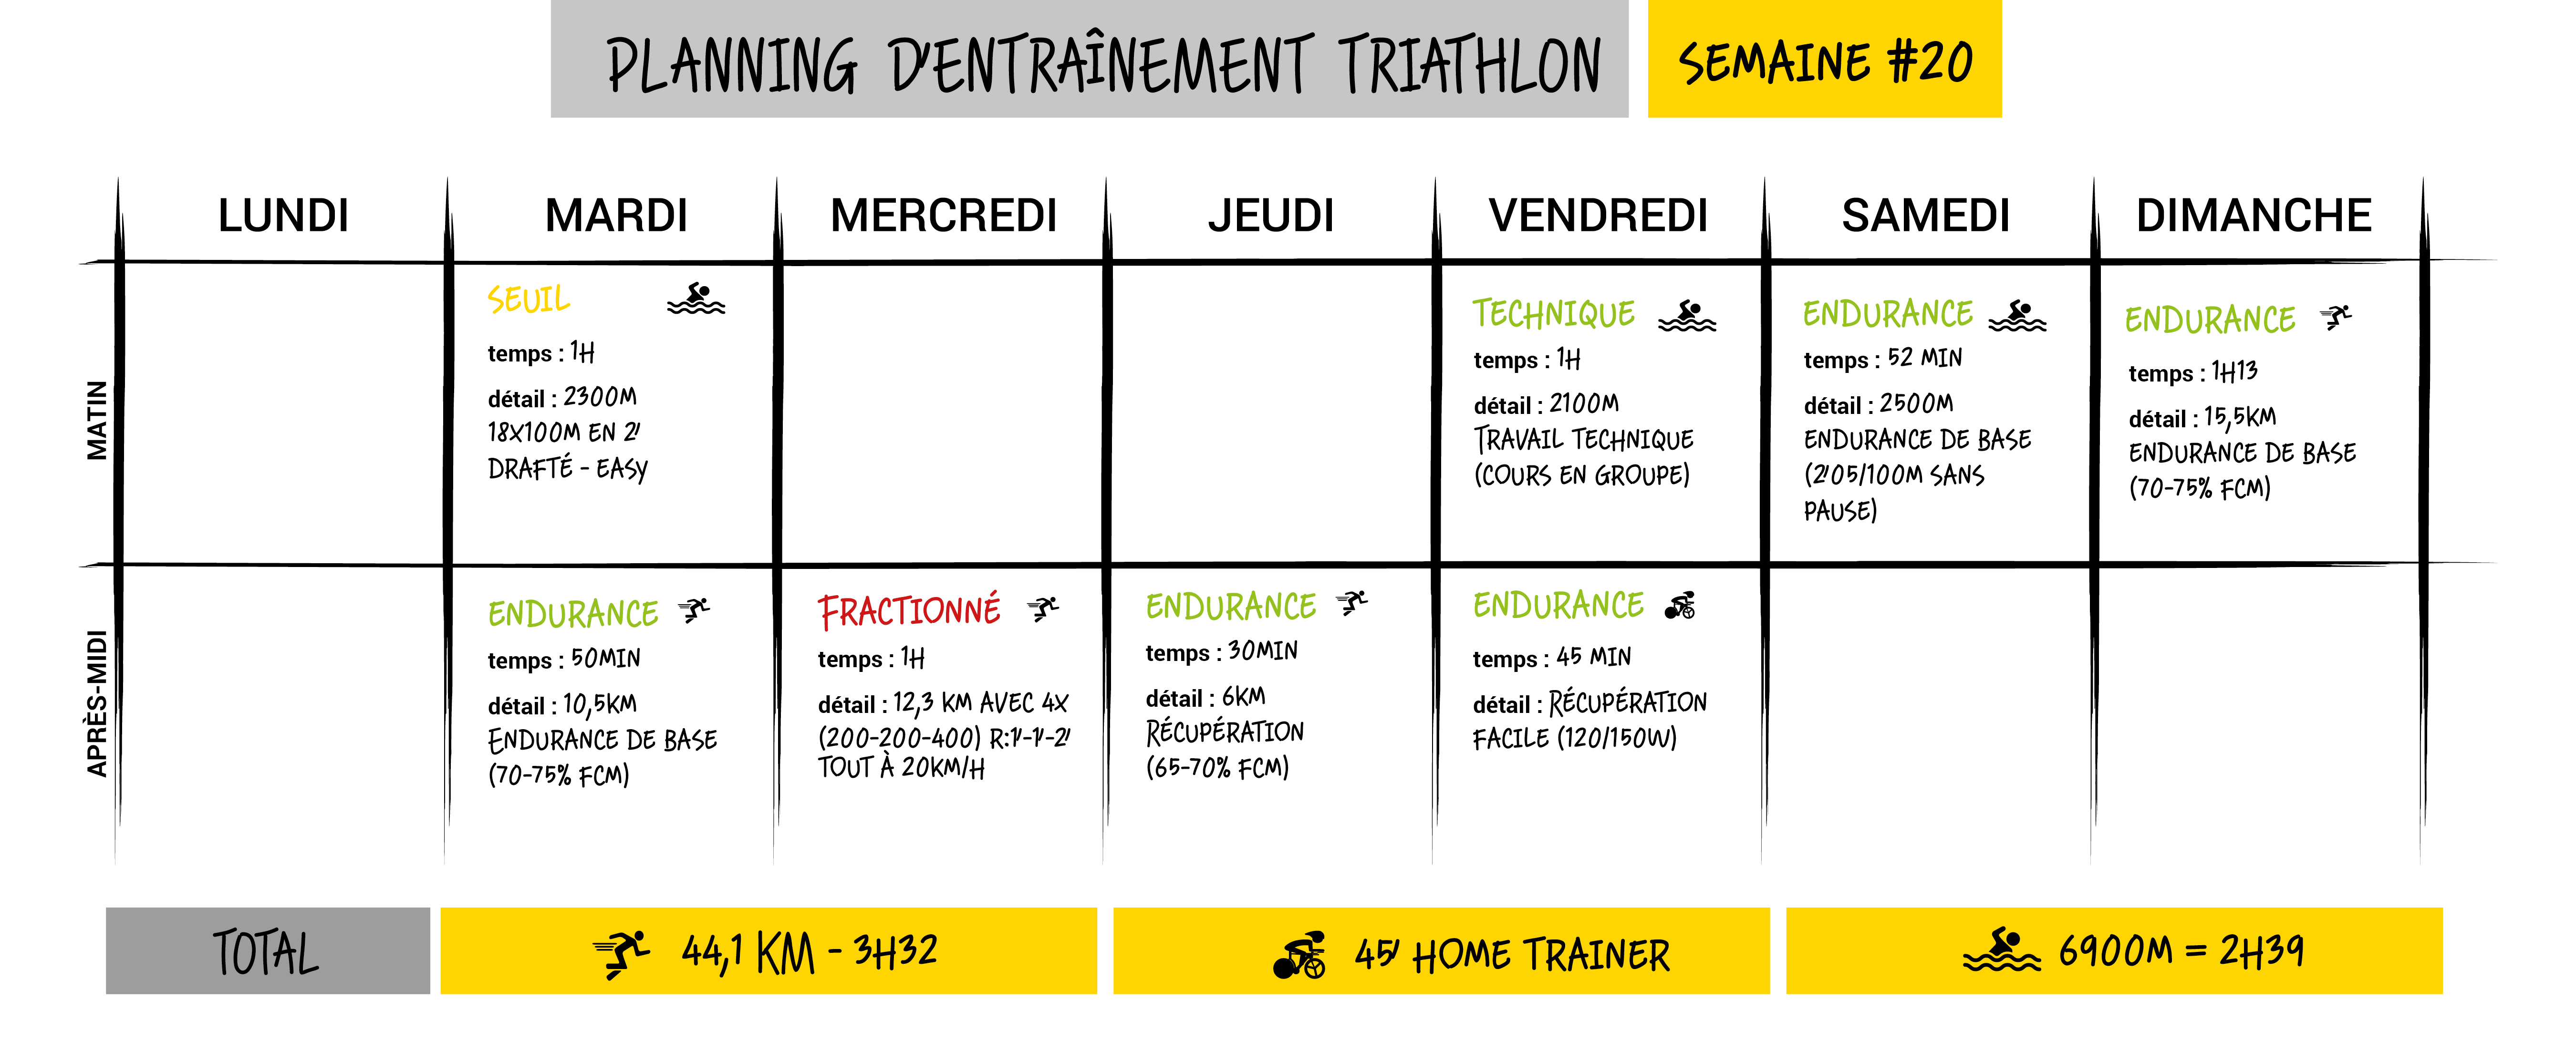 analyse d'entraînement running triathlon semaine 20